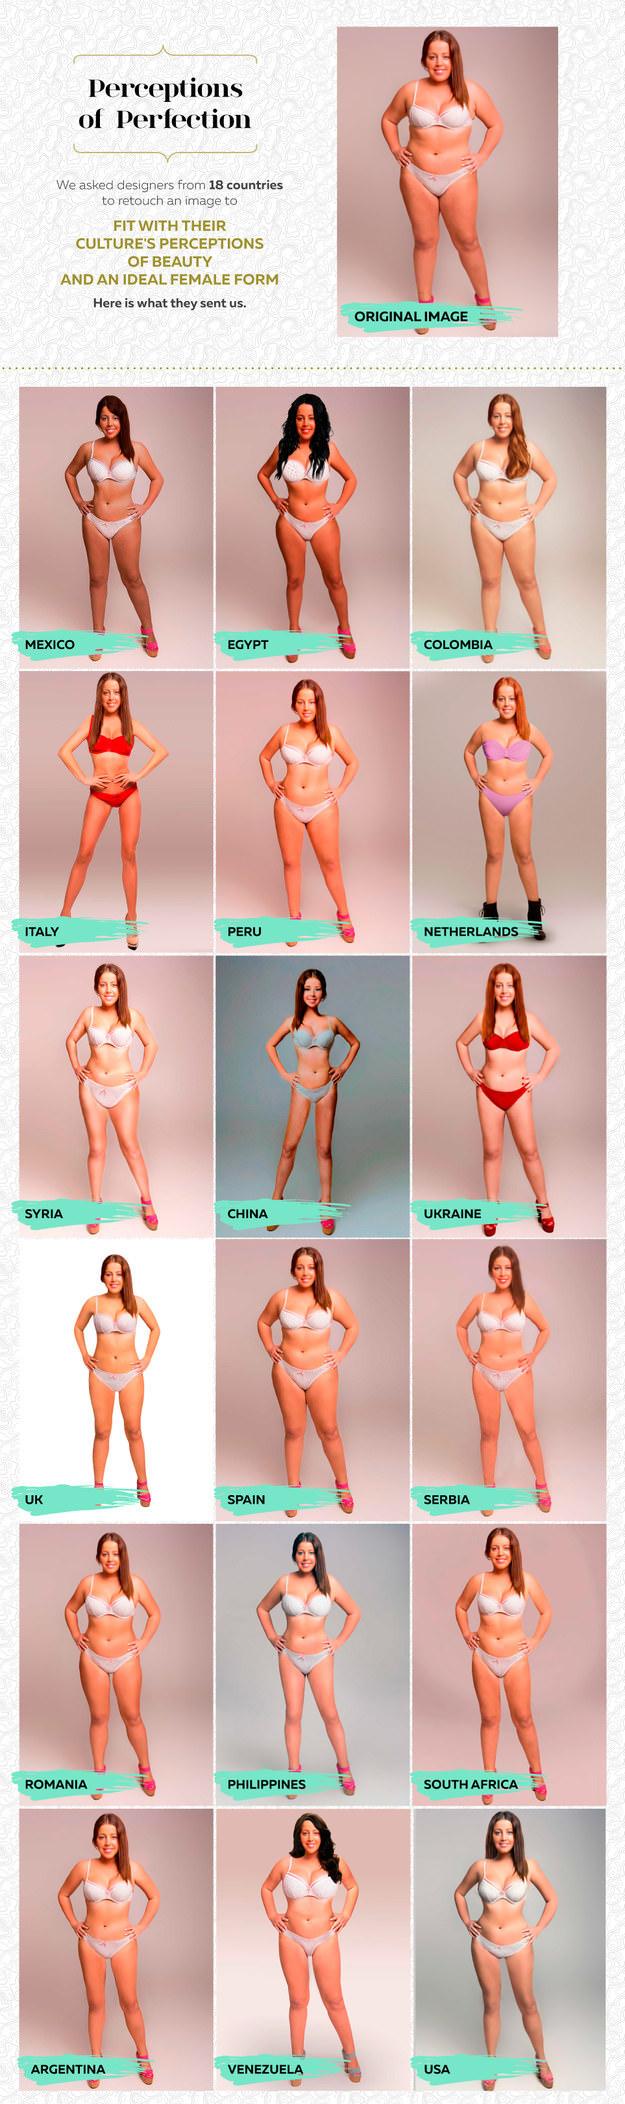 onlinedoctor.superdrug.com / Via onlinedoctor.superdrug.com